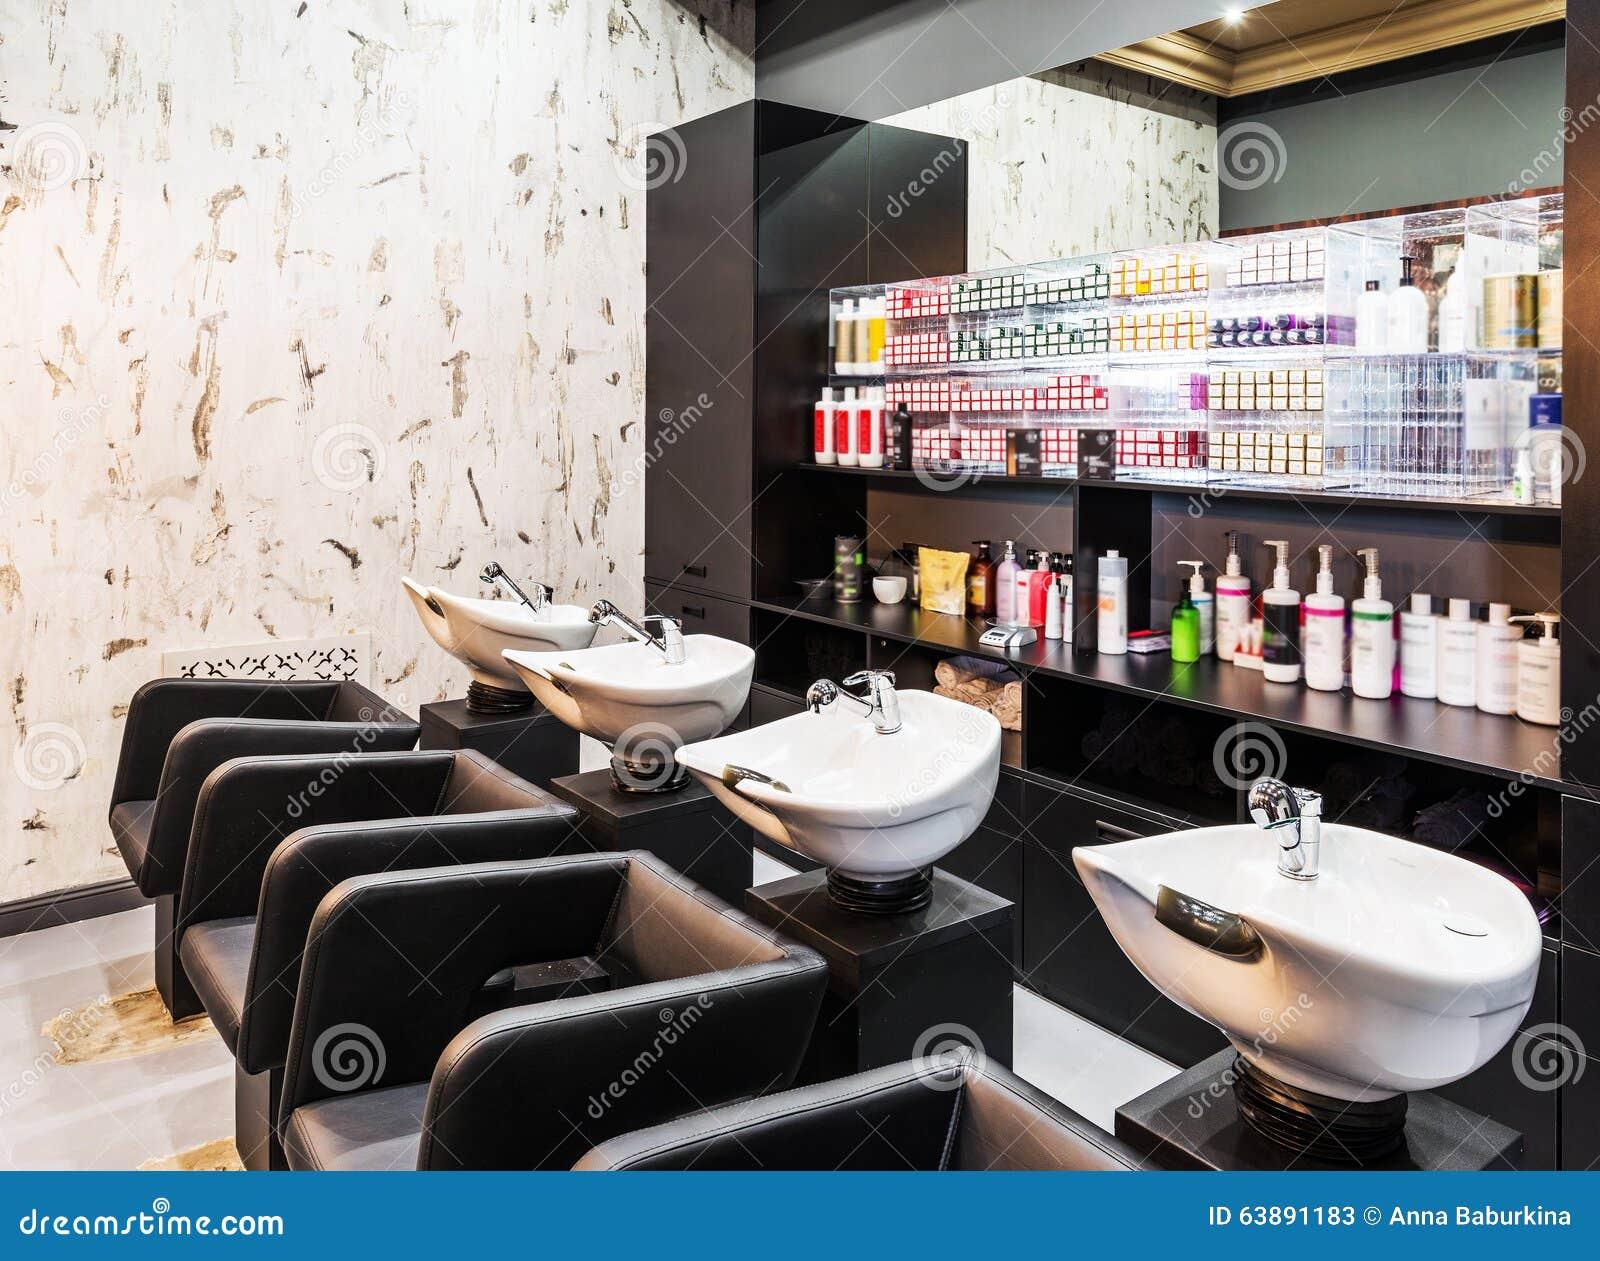 Luxury beauty salon stock image Image of comfortable 63891183